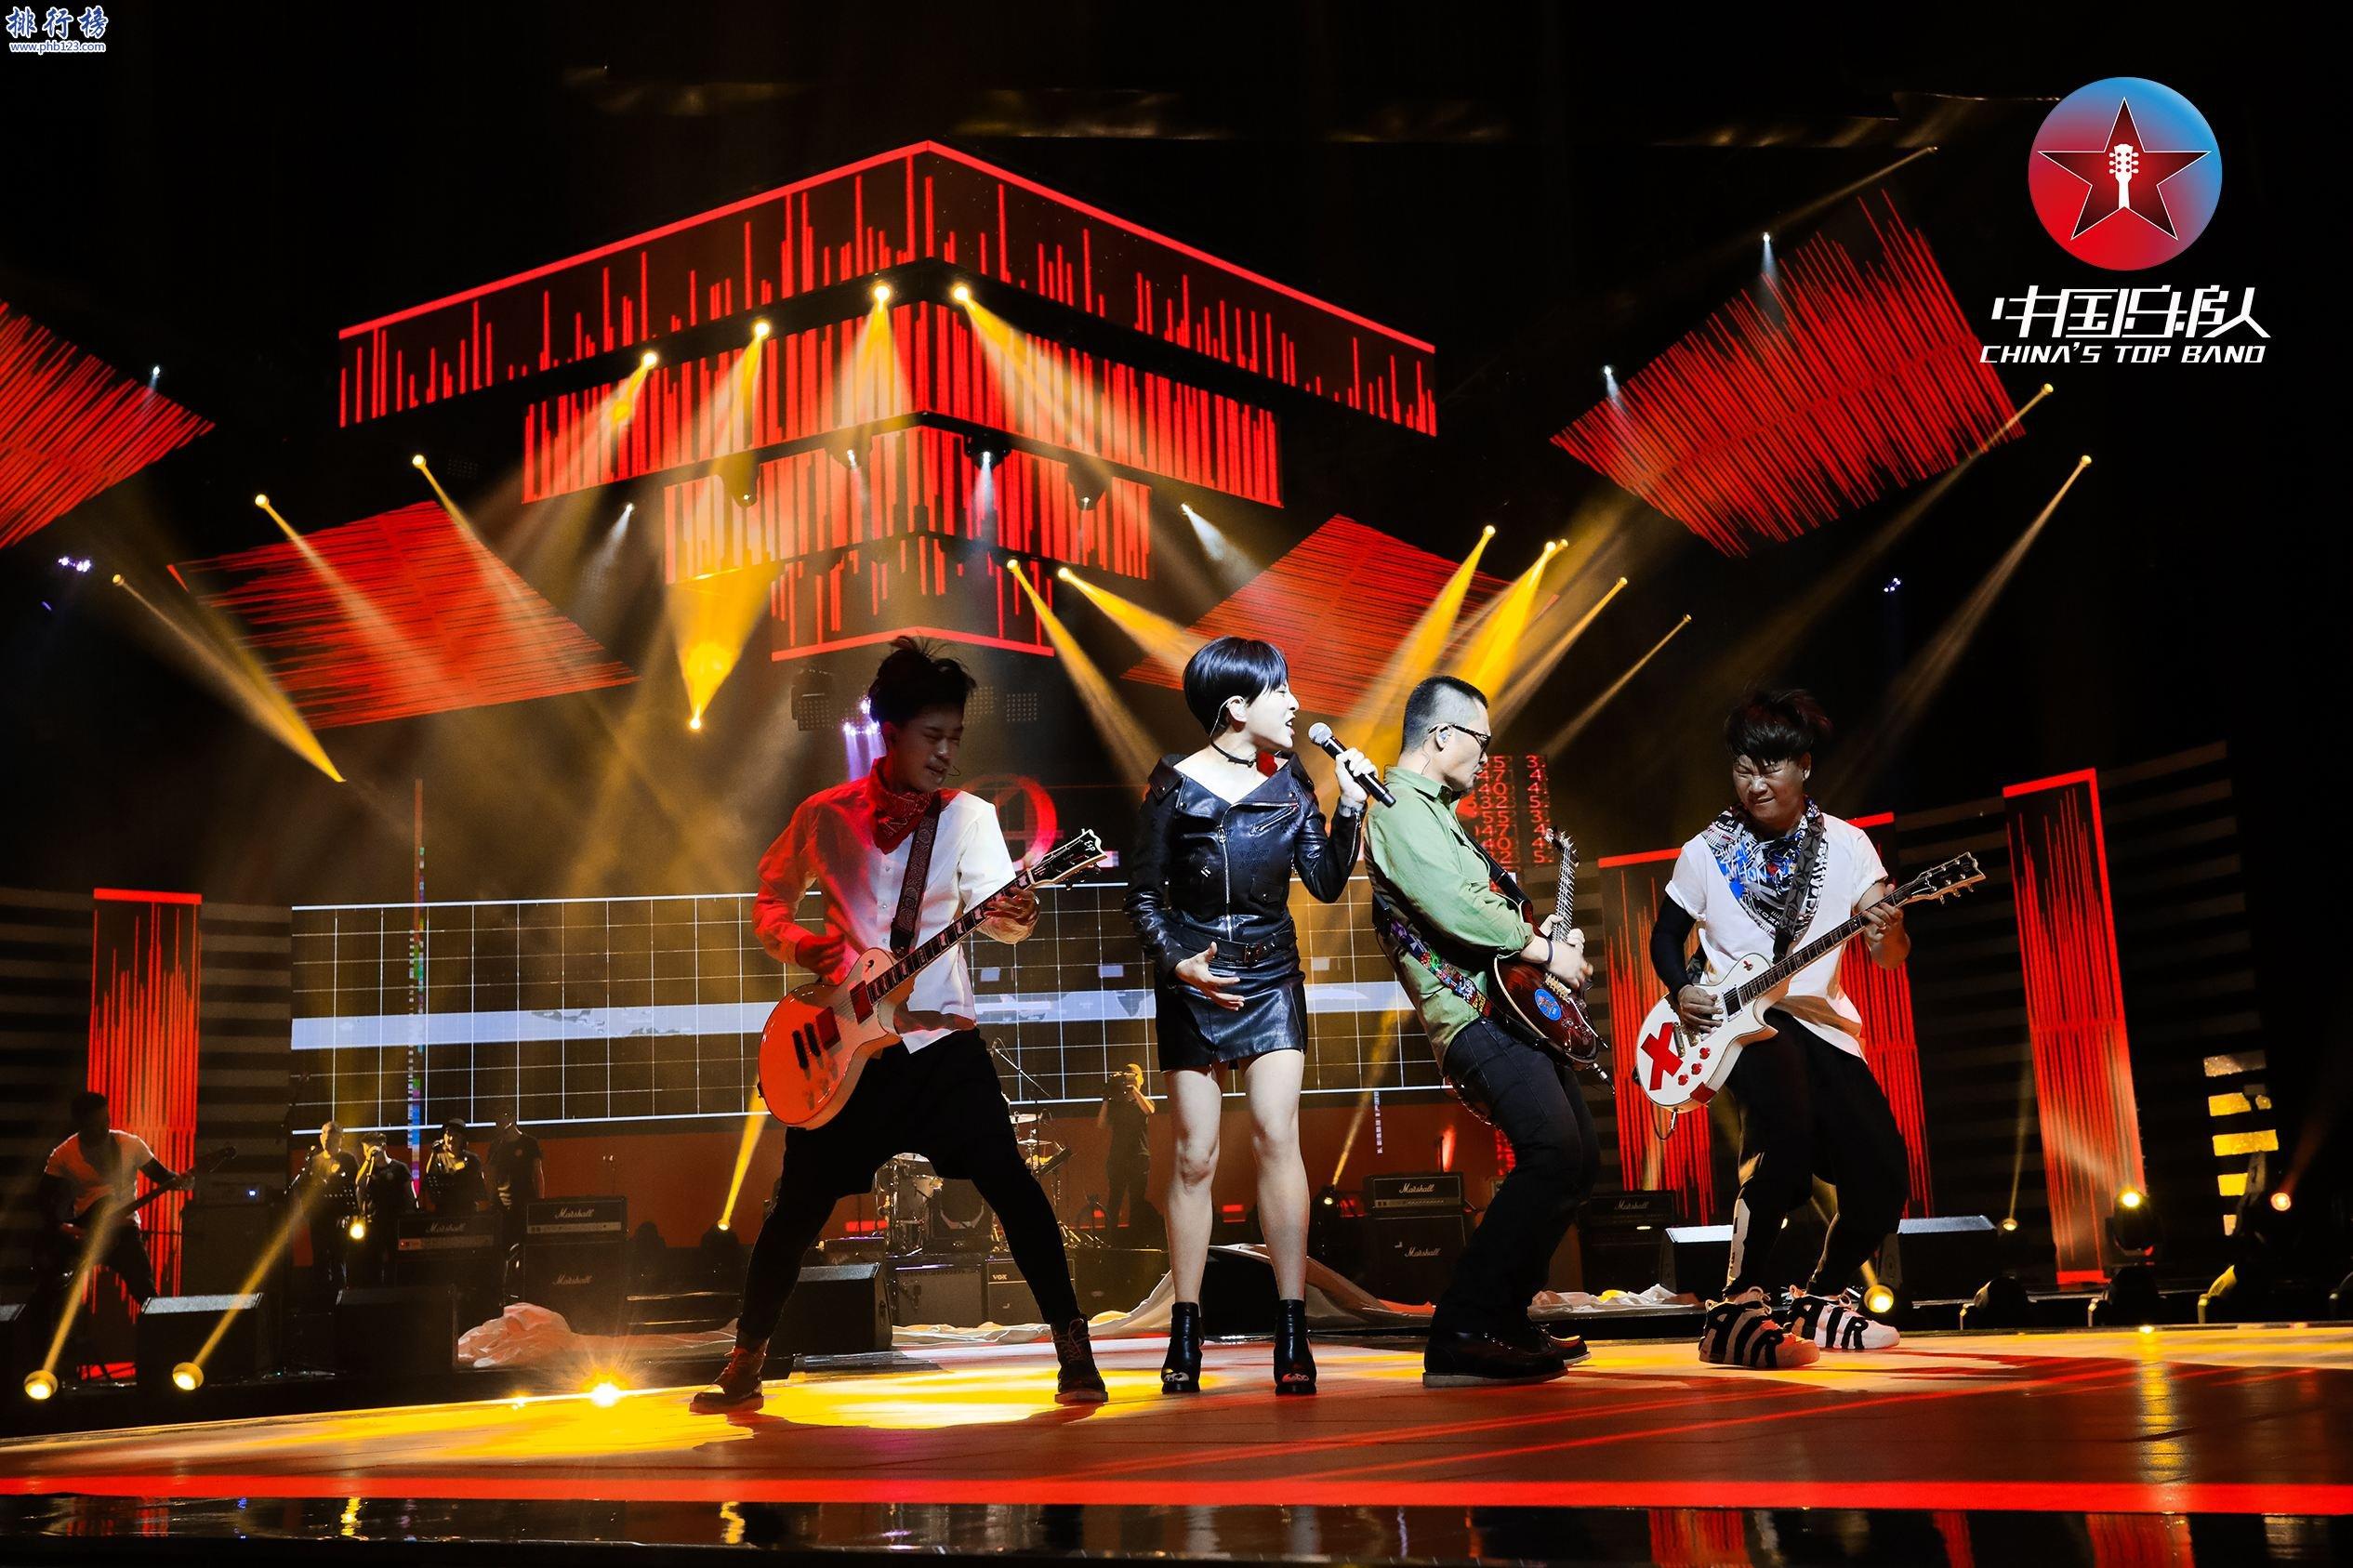 2017年11月24日综艺节目收视率排行榜:中国乐队收视率排名第六